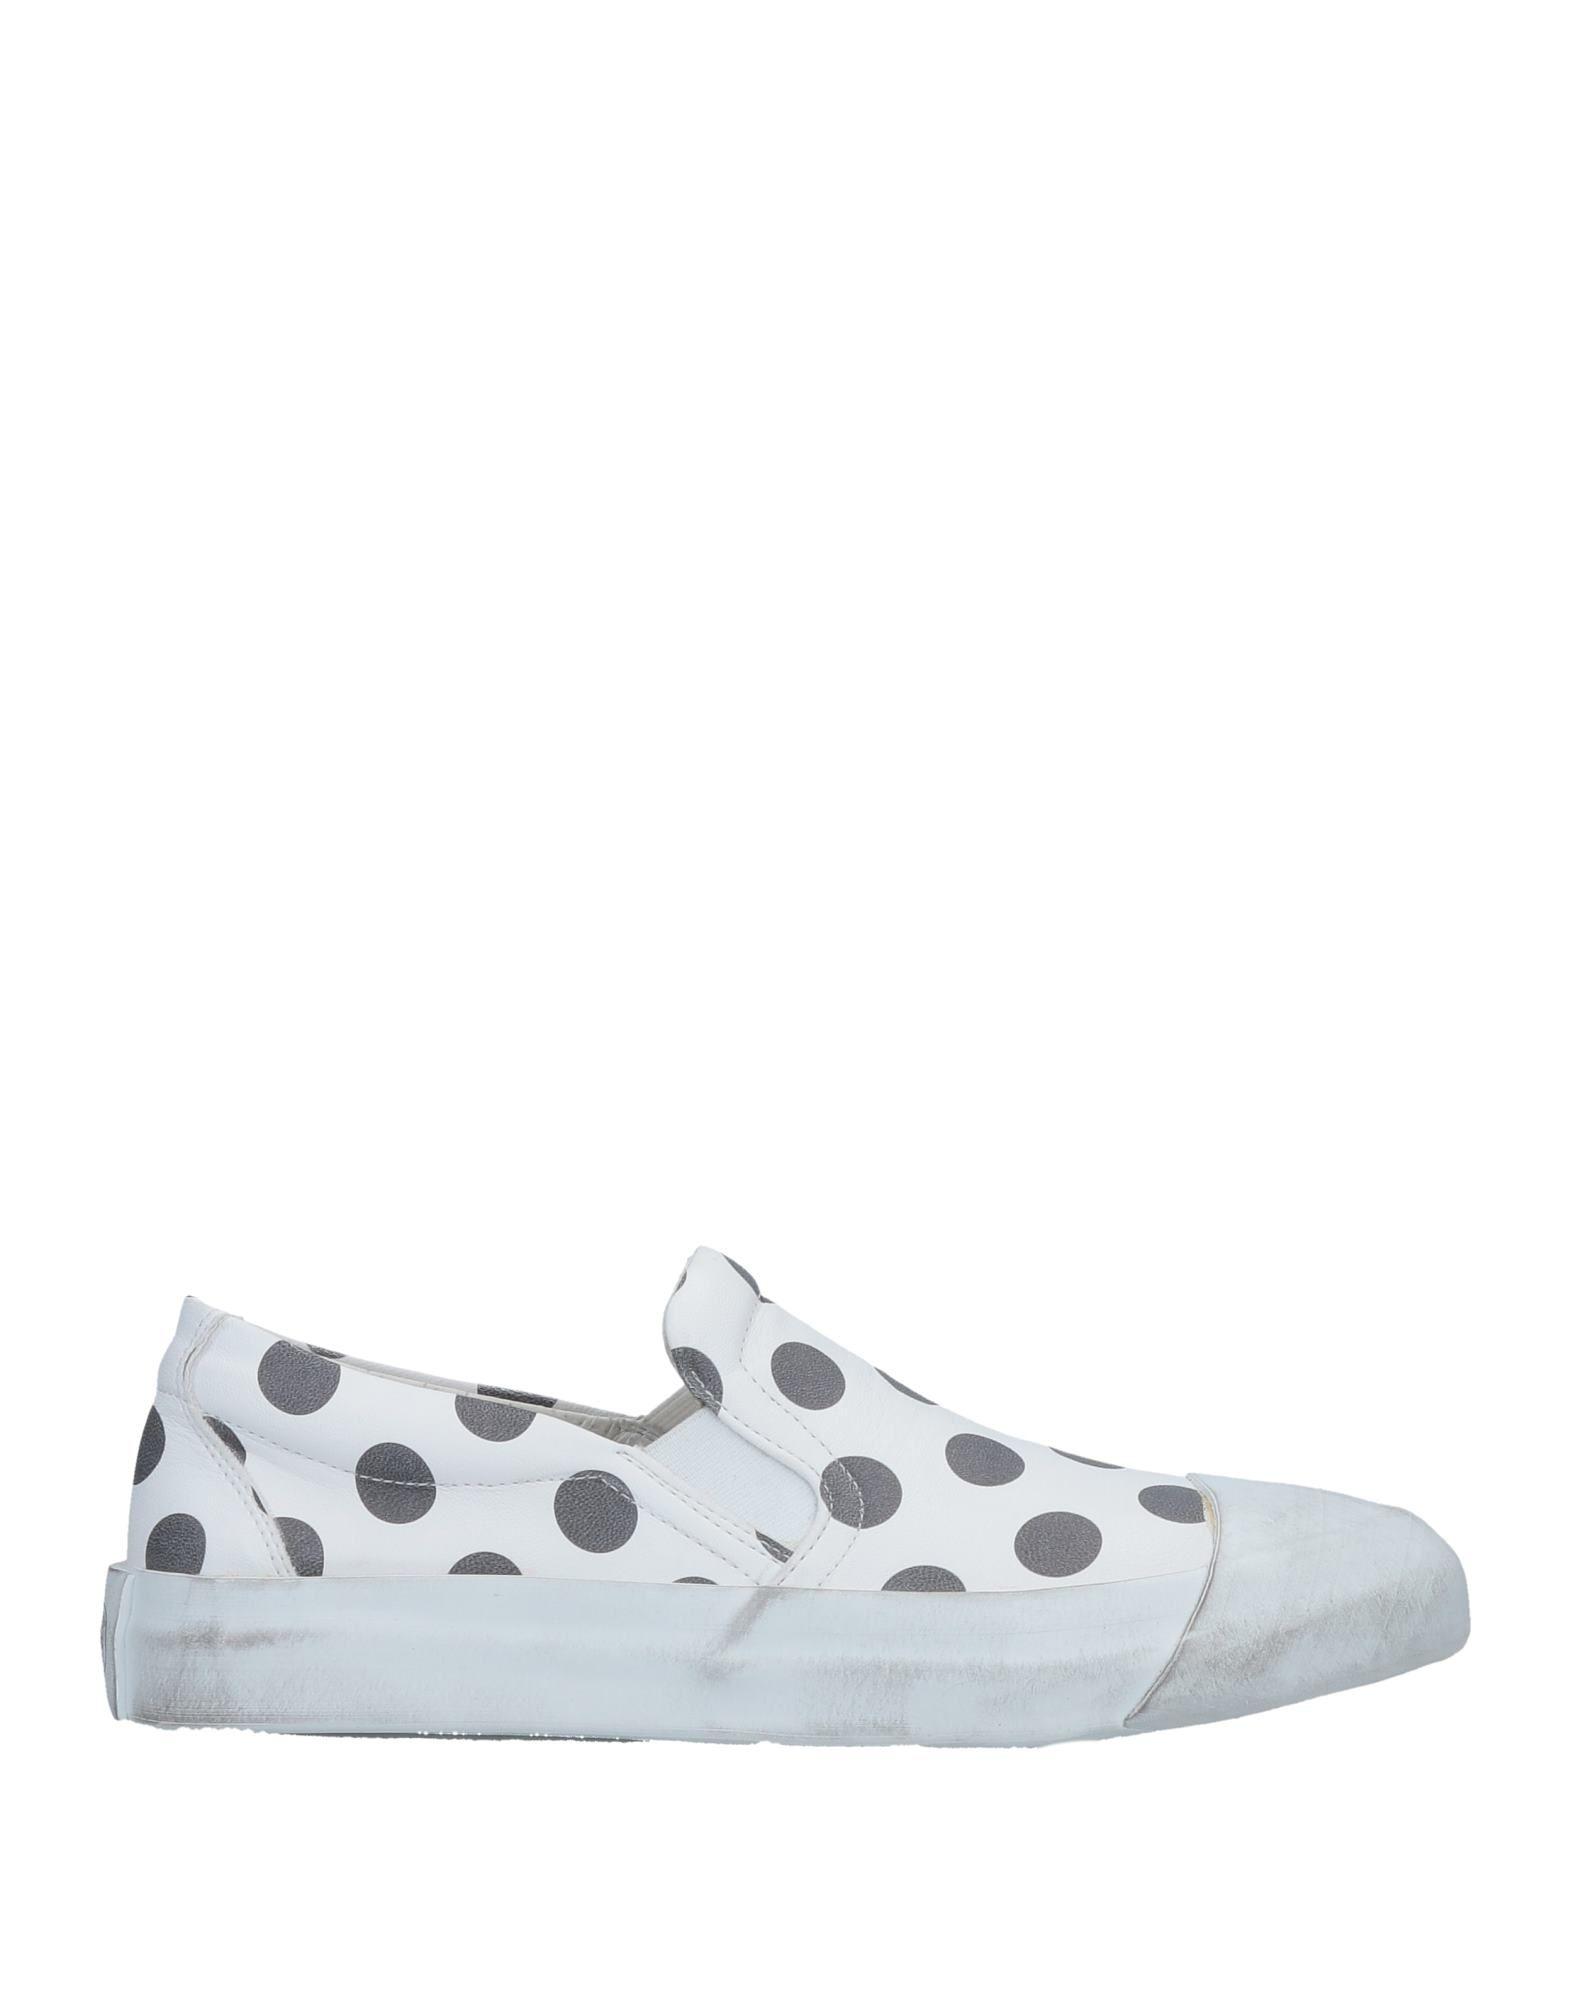 Scarpe economiche e resistenti Sneakers O.X.S. Donna - 11509943IW